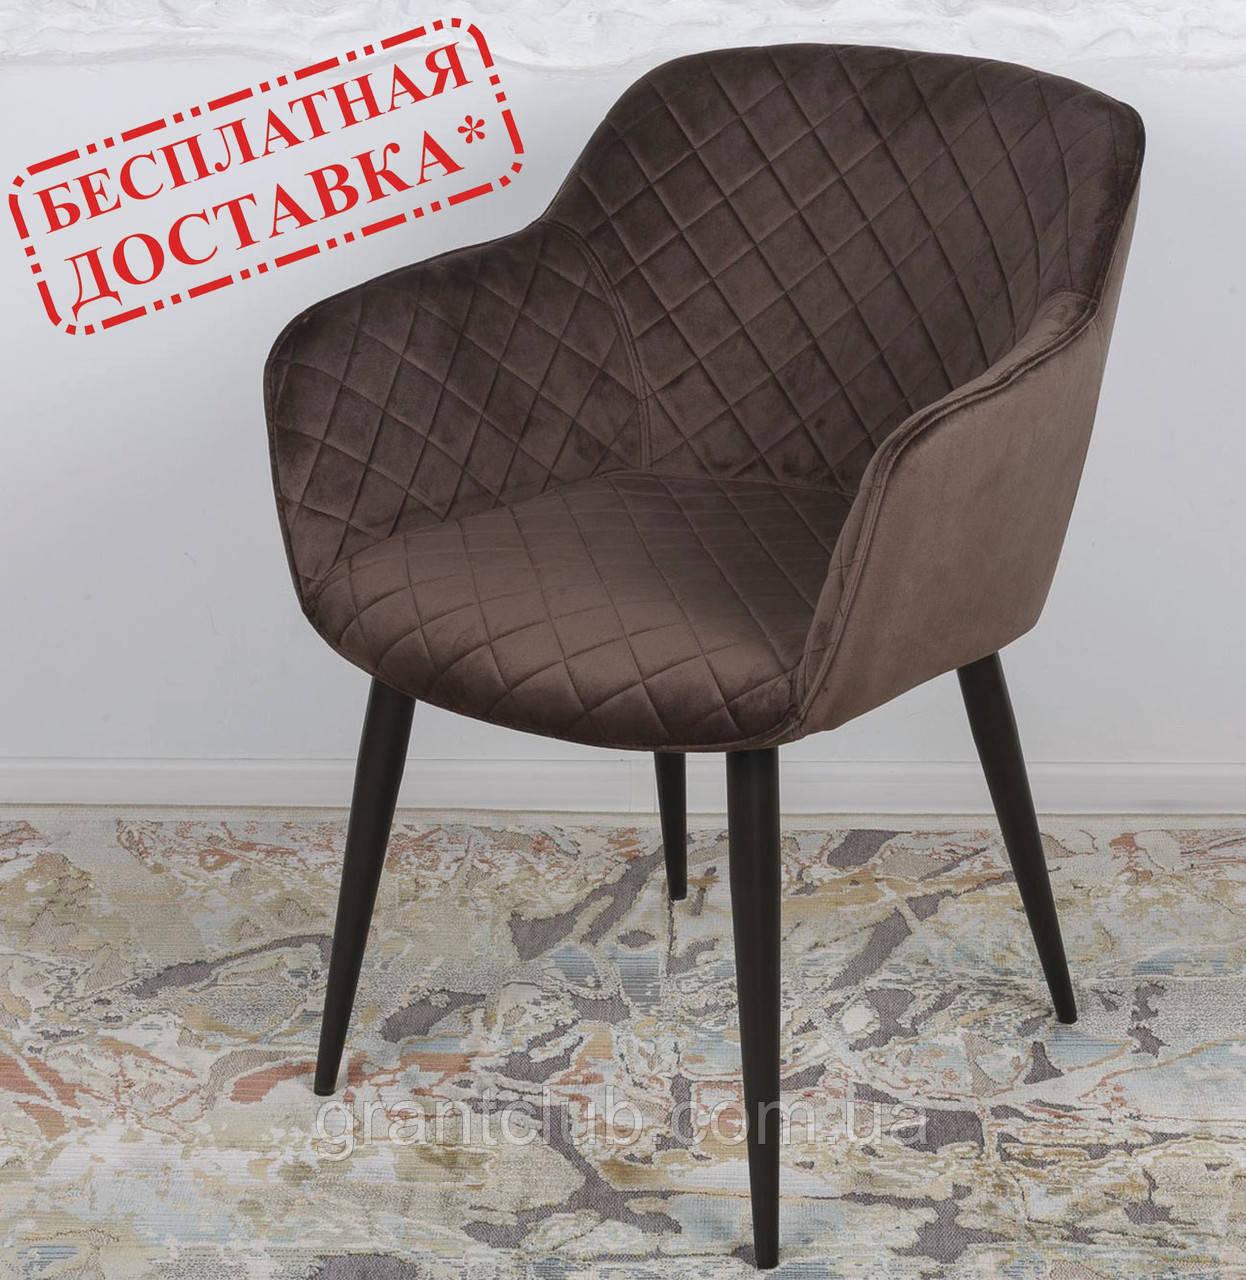 Кресло обеденное BAVARIA (Бавария) велюр коричневый Nicolas